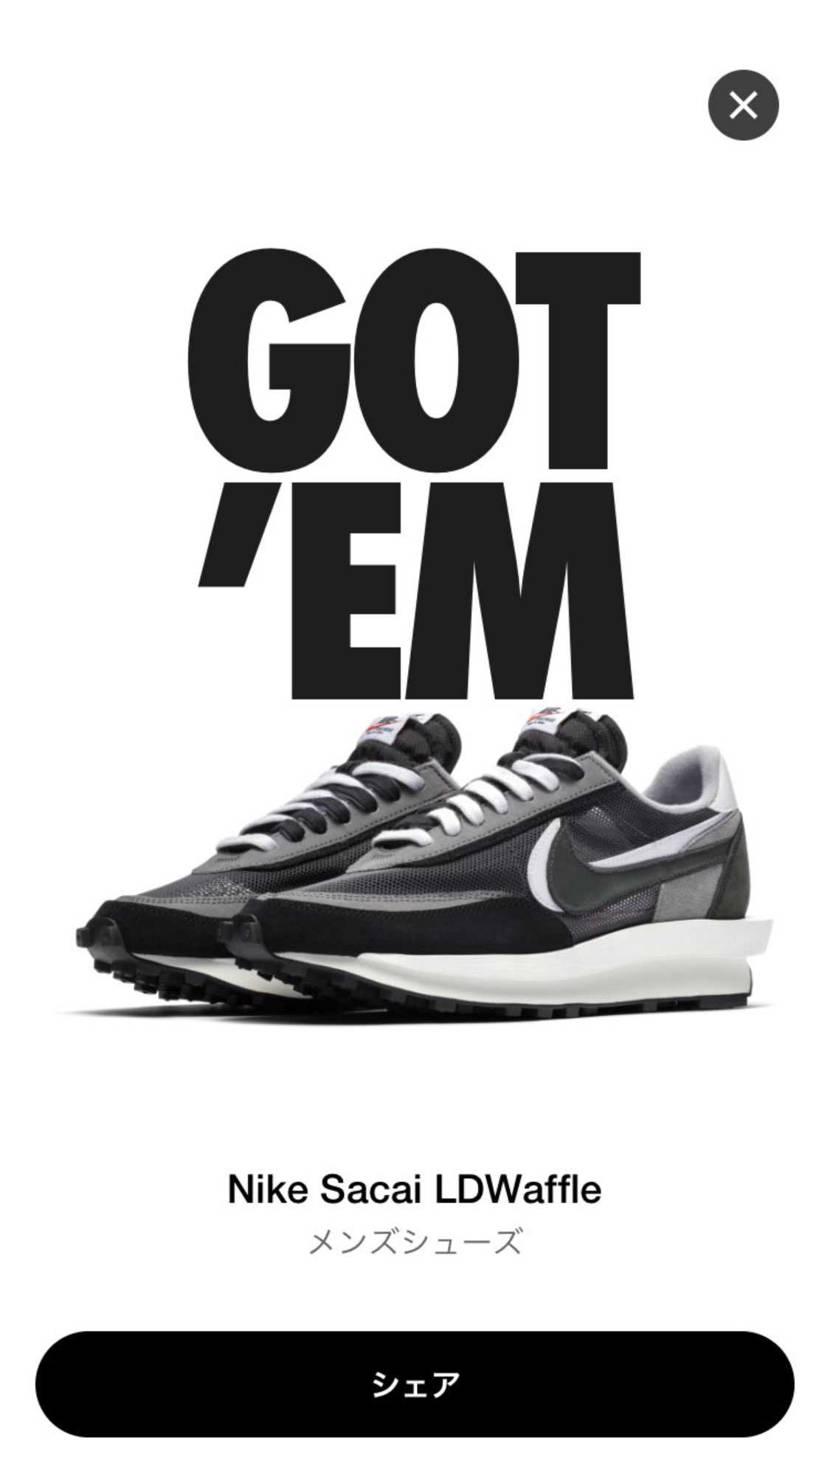 最近Nikeさん大嫌いだったけど、やっぱり大好き💕